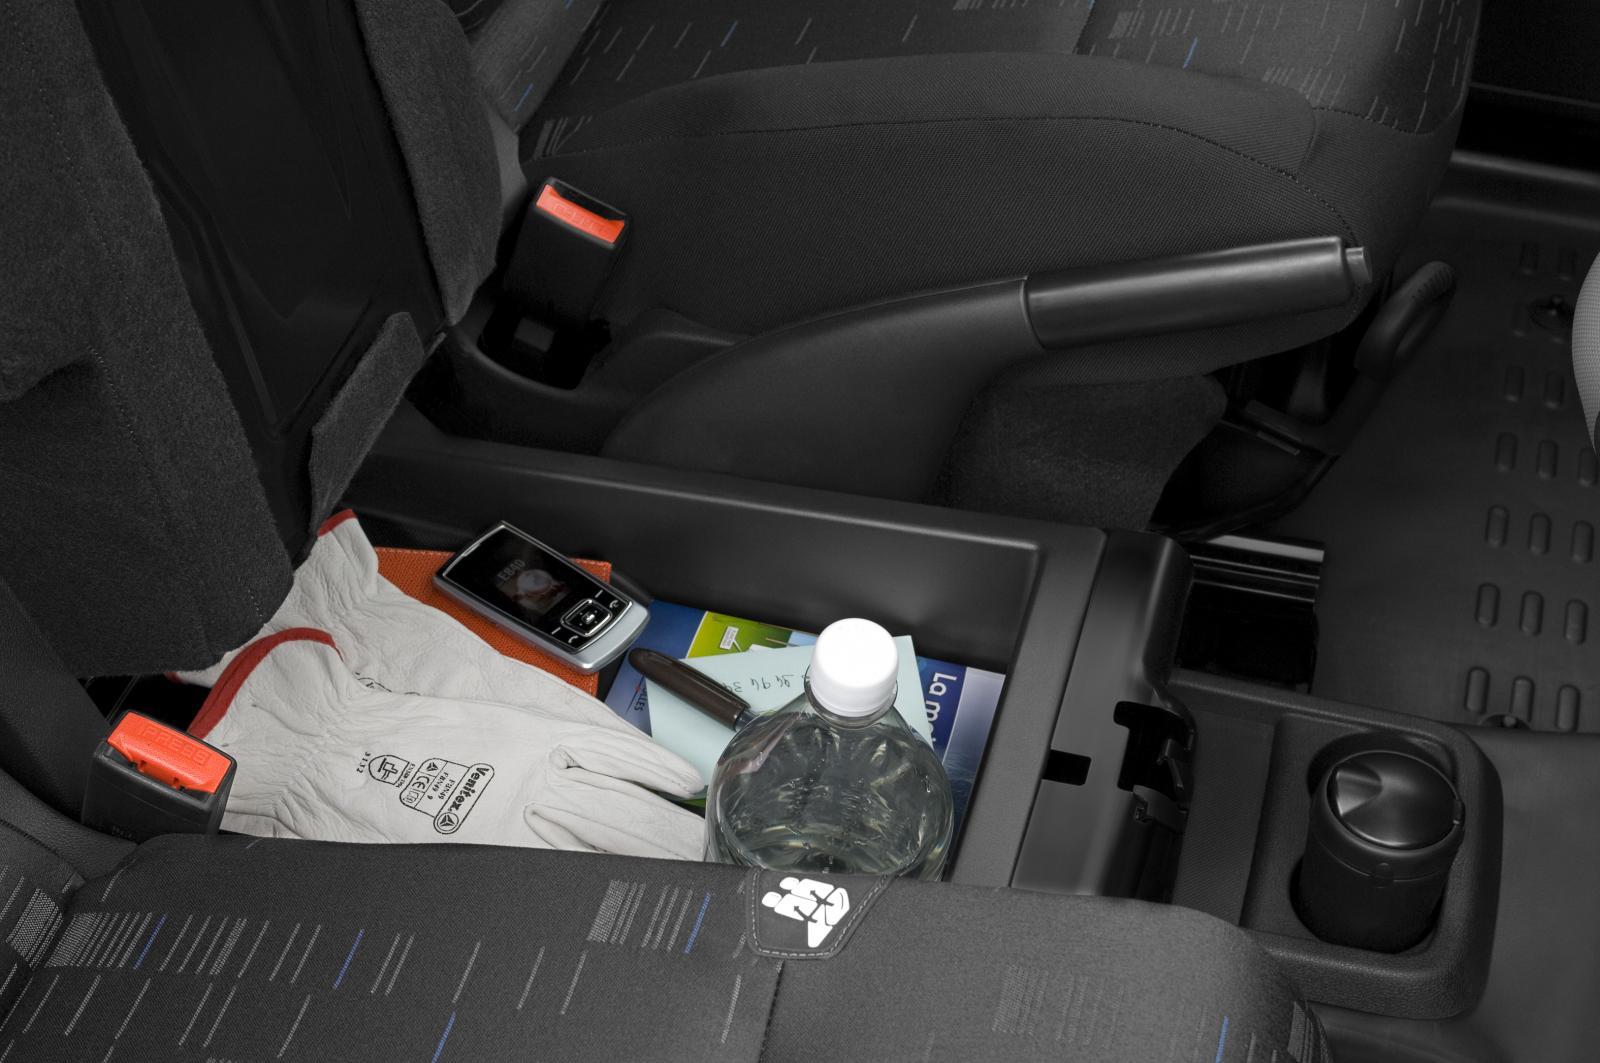 Berlingo 2008 rangement avant